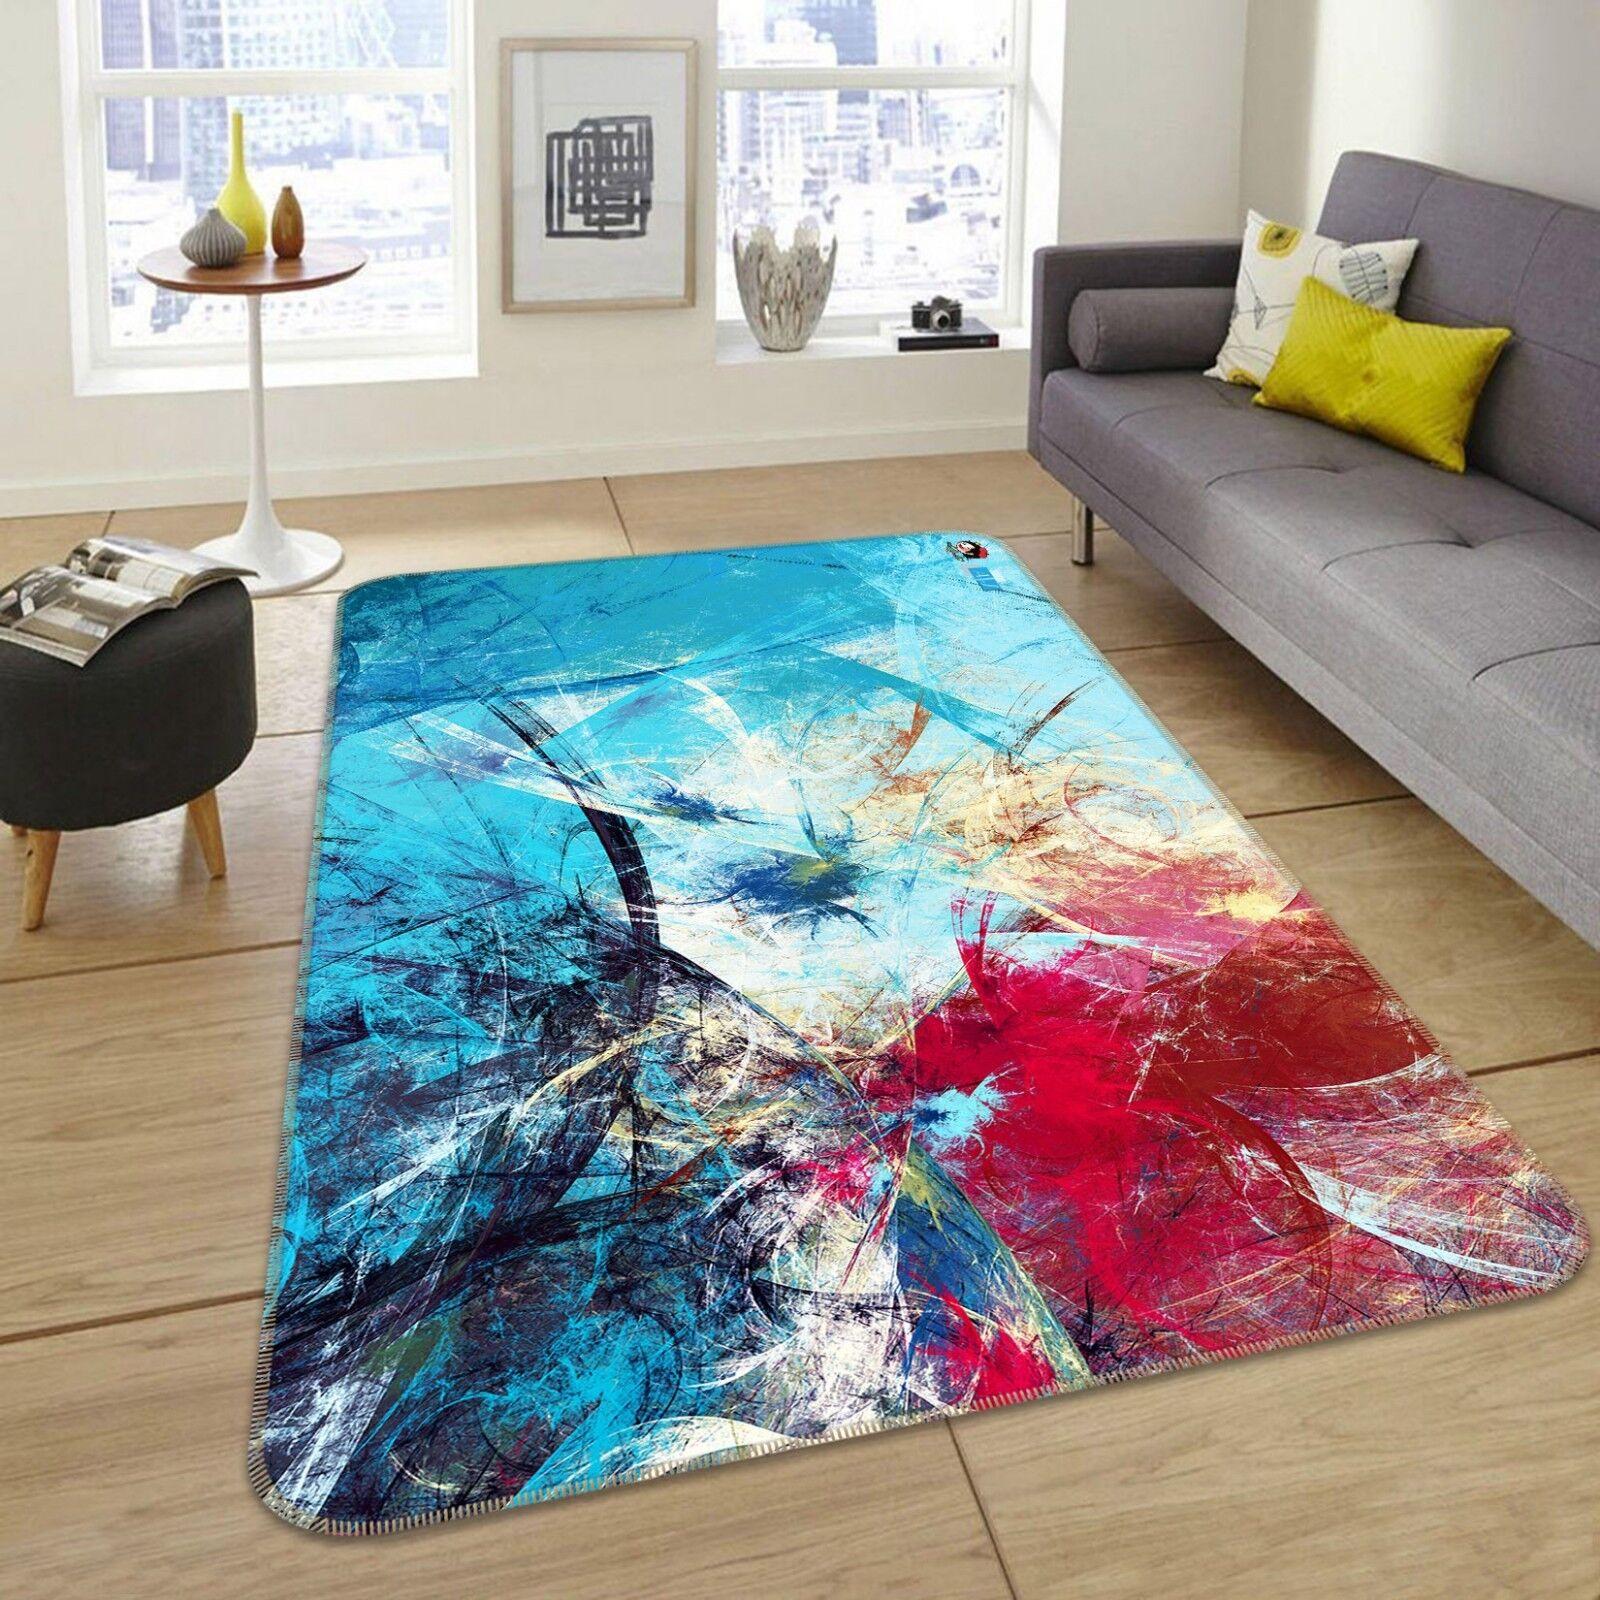 3D Original Design 1 Non Slip Rug Mat Room Mat Quality Elegant Photo Carpet AU